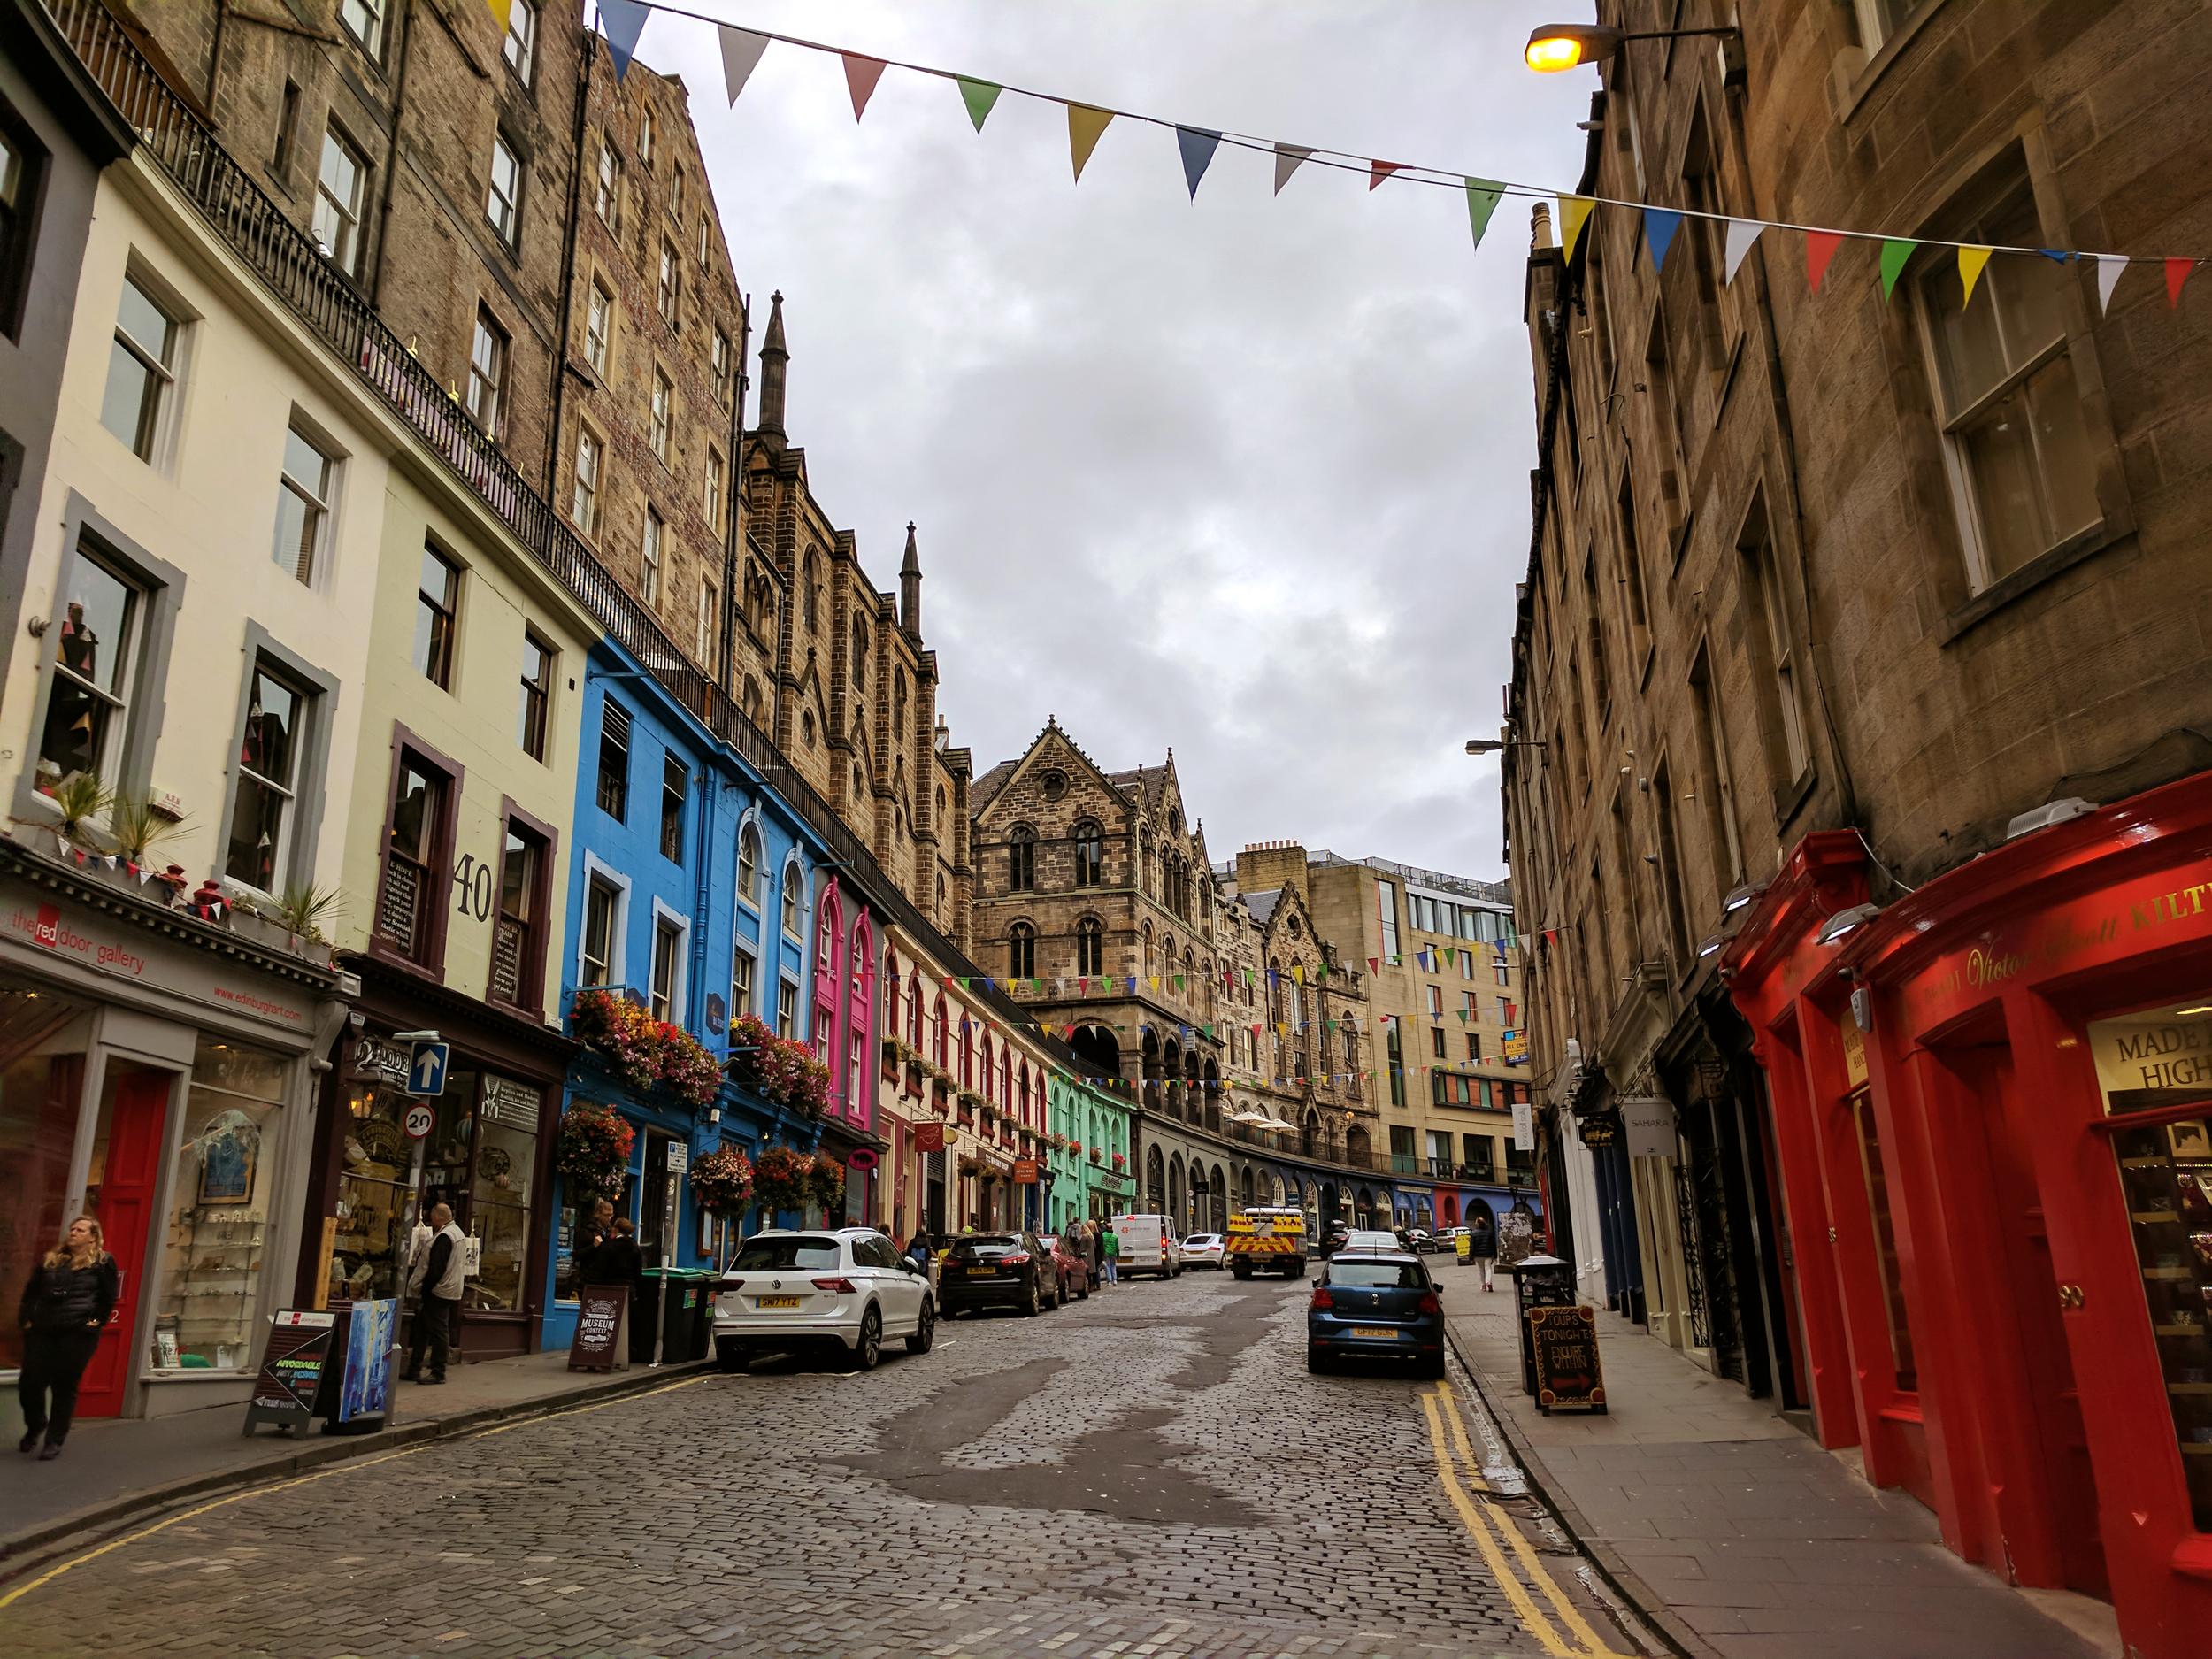 Victoria St. in Edinburgh